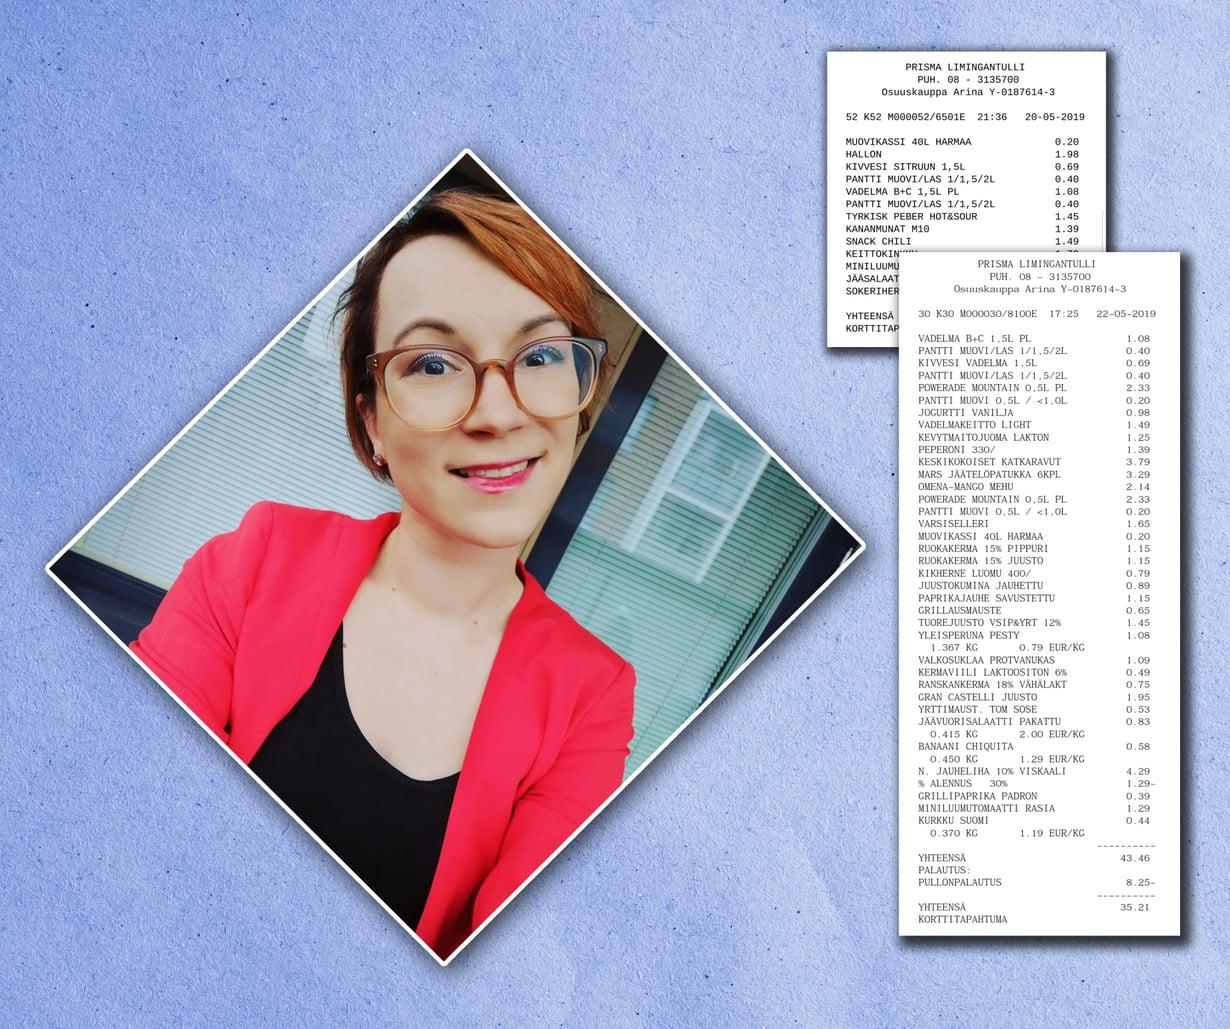 Meeri Leppälä kertoo säästävänsä ja ostaa muun muassa lihat alennushintaisina.